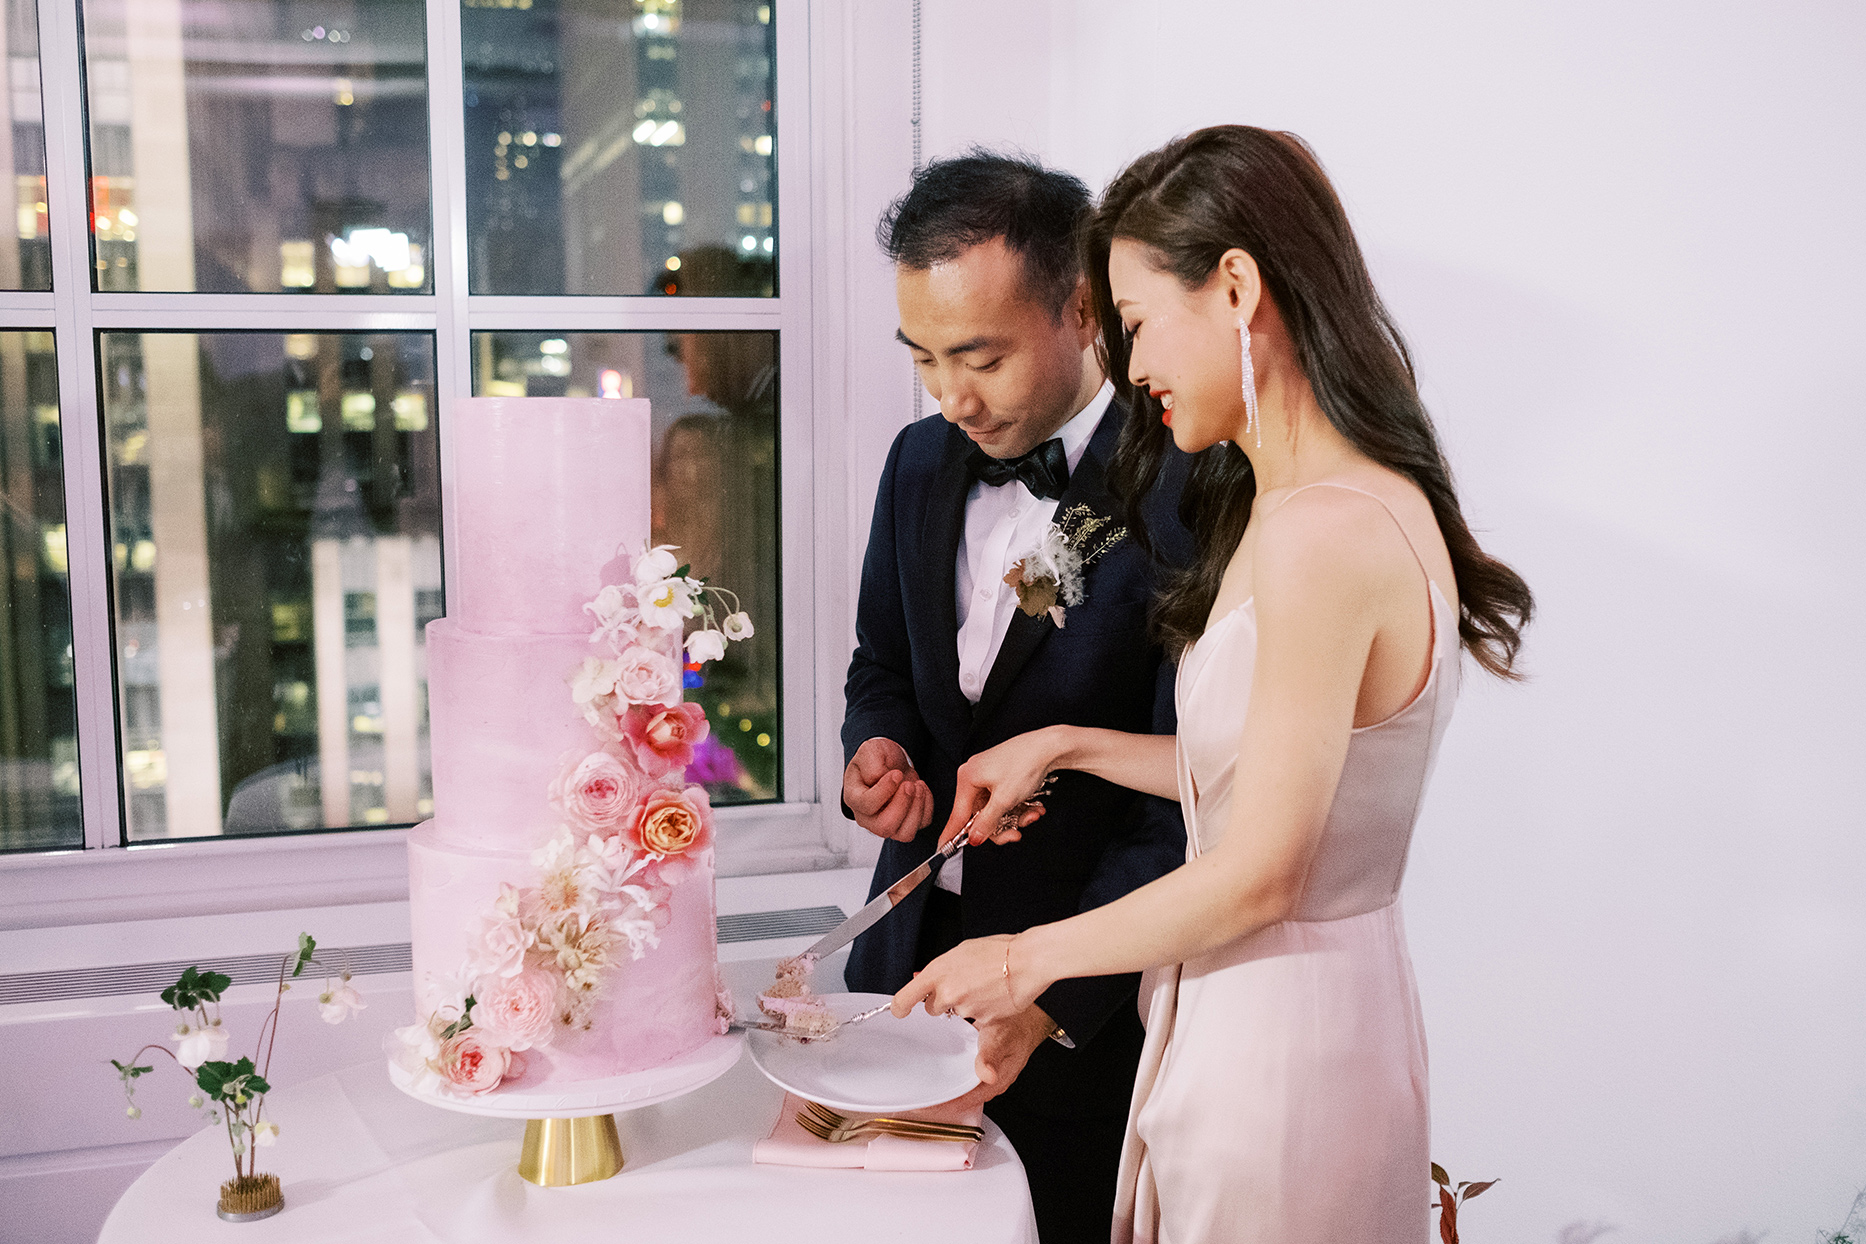 wedding couple cutting pastel pink cake